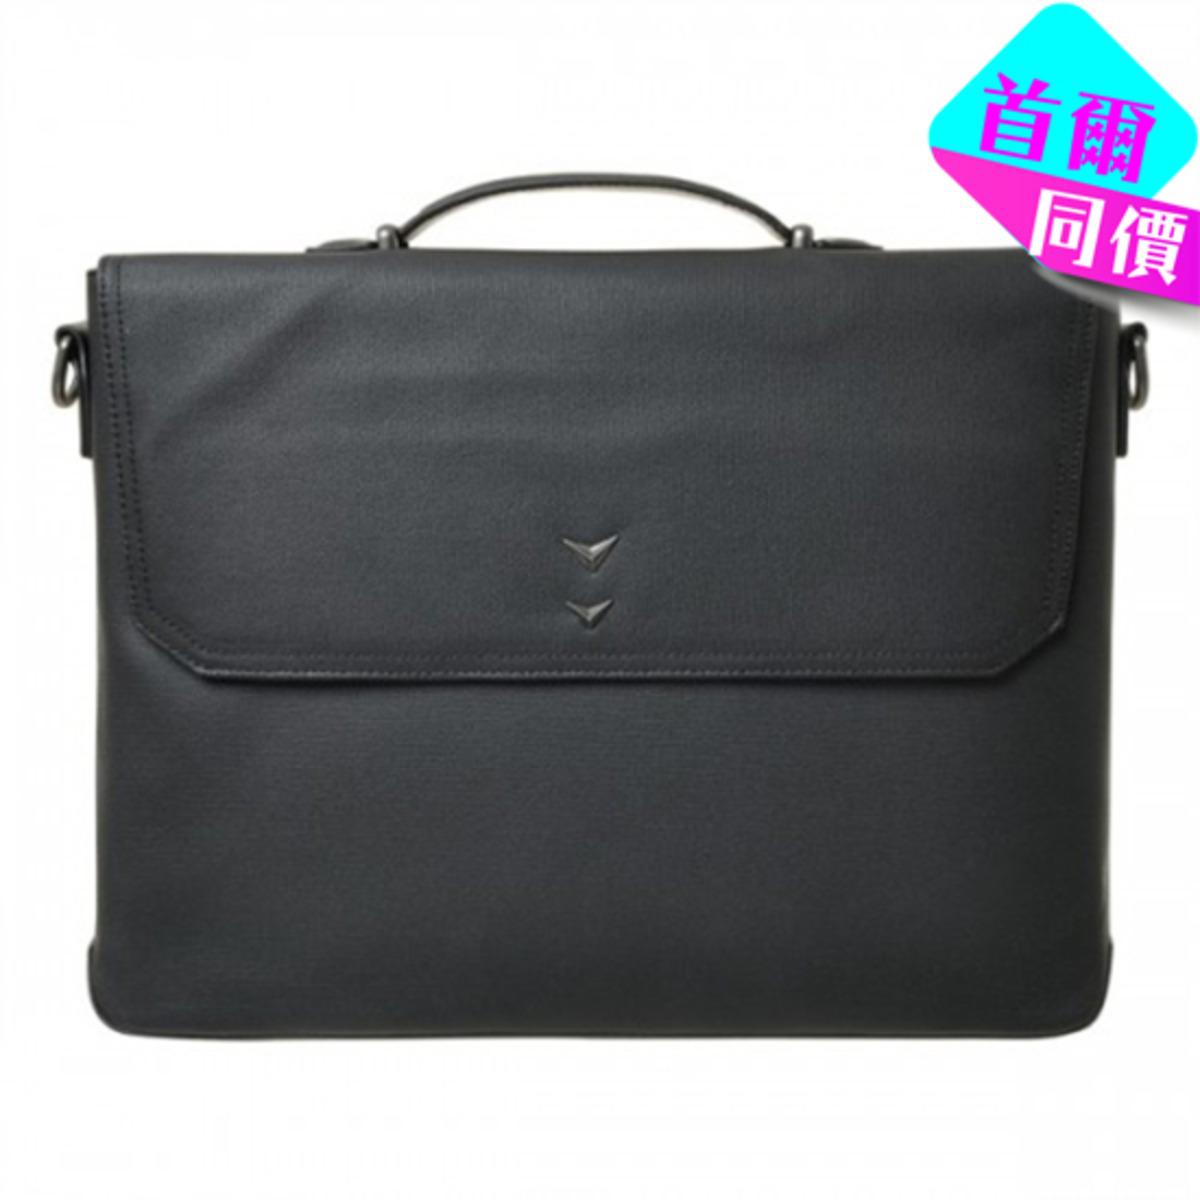 型格商務公事包 (可手提/斜孭) (黑)_P00000EQ